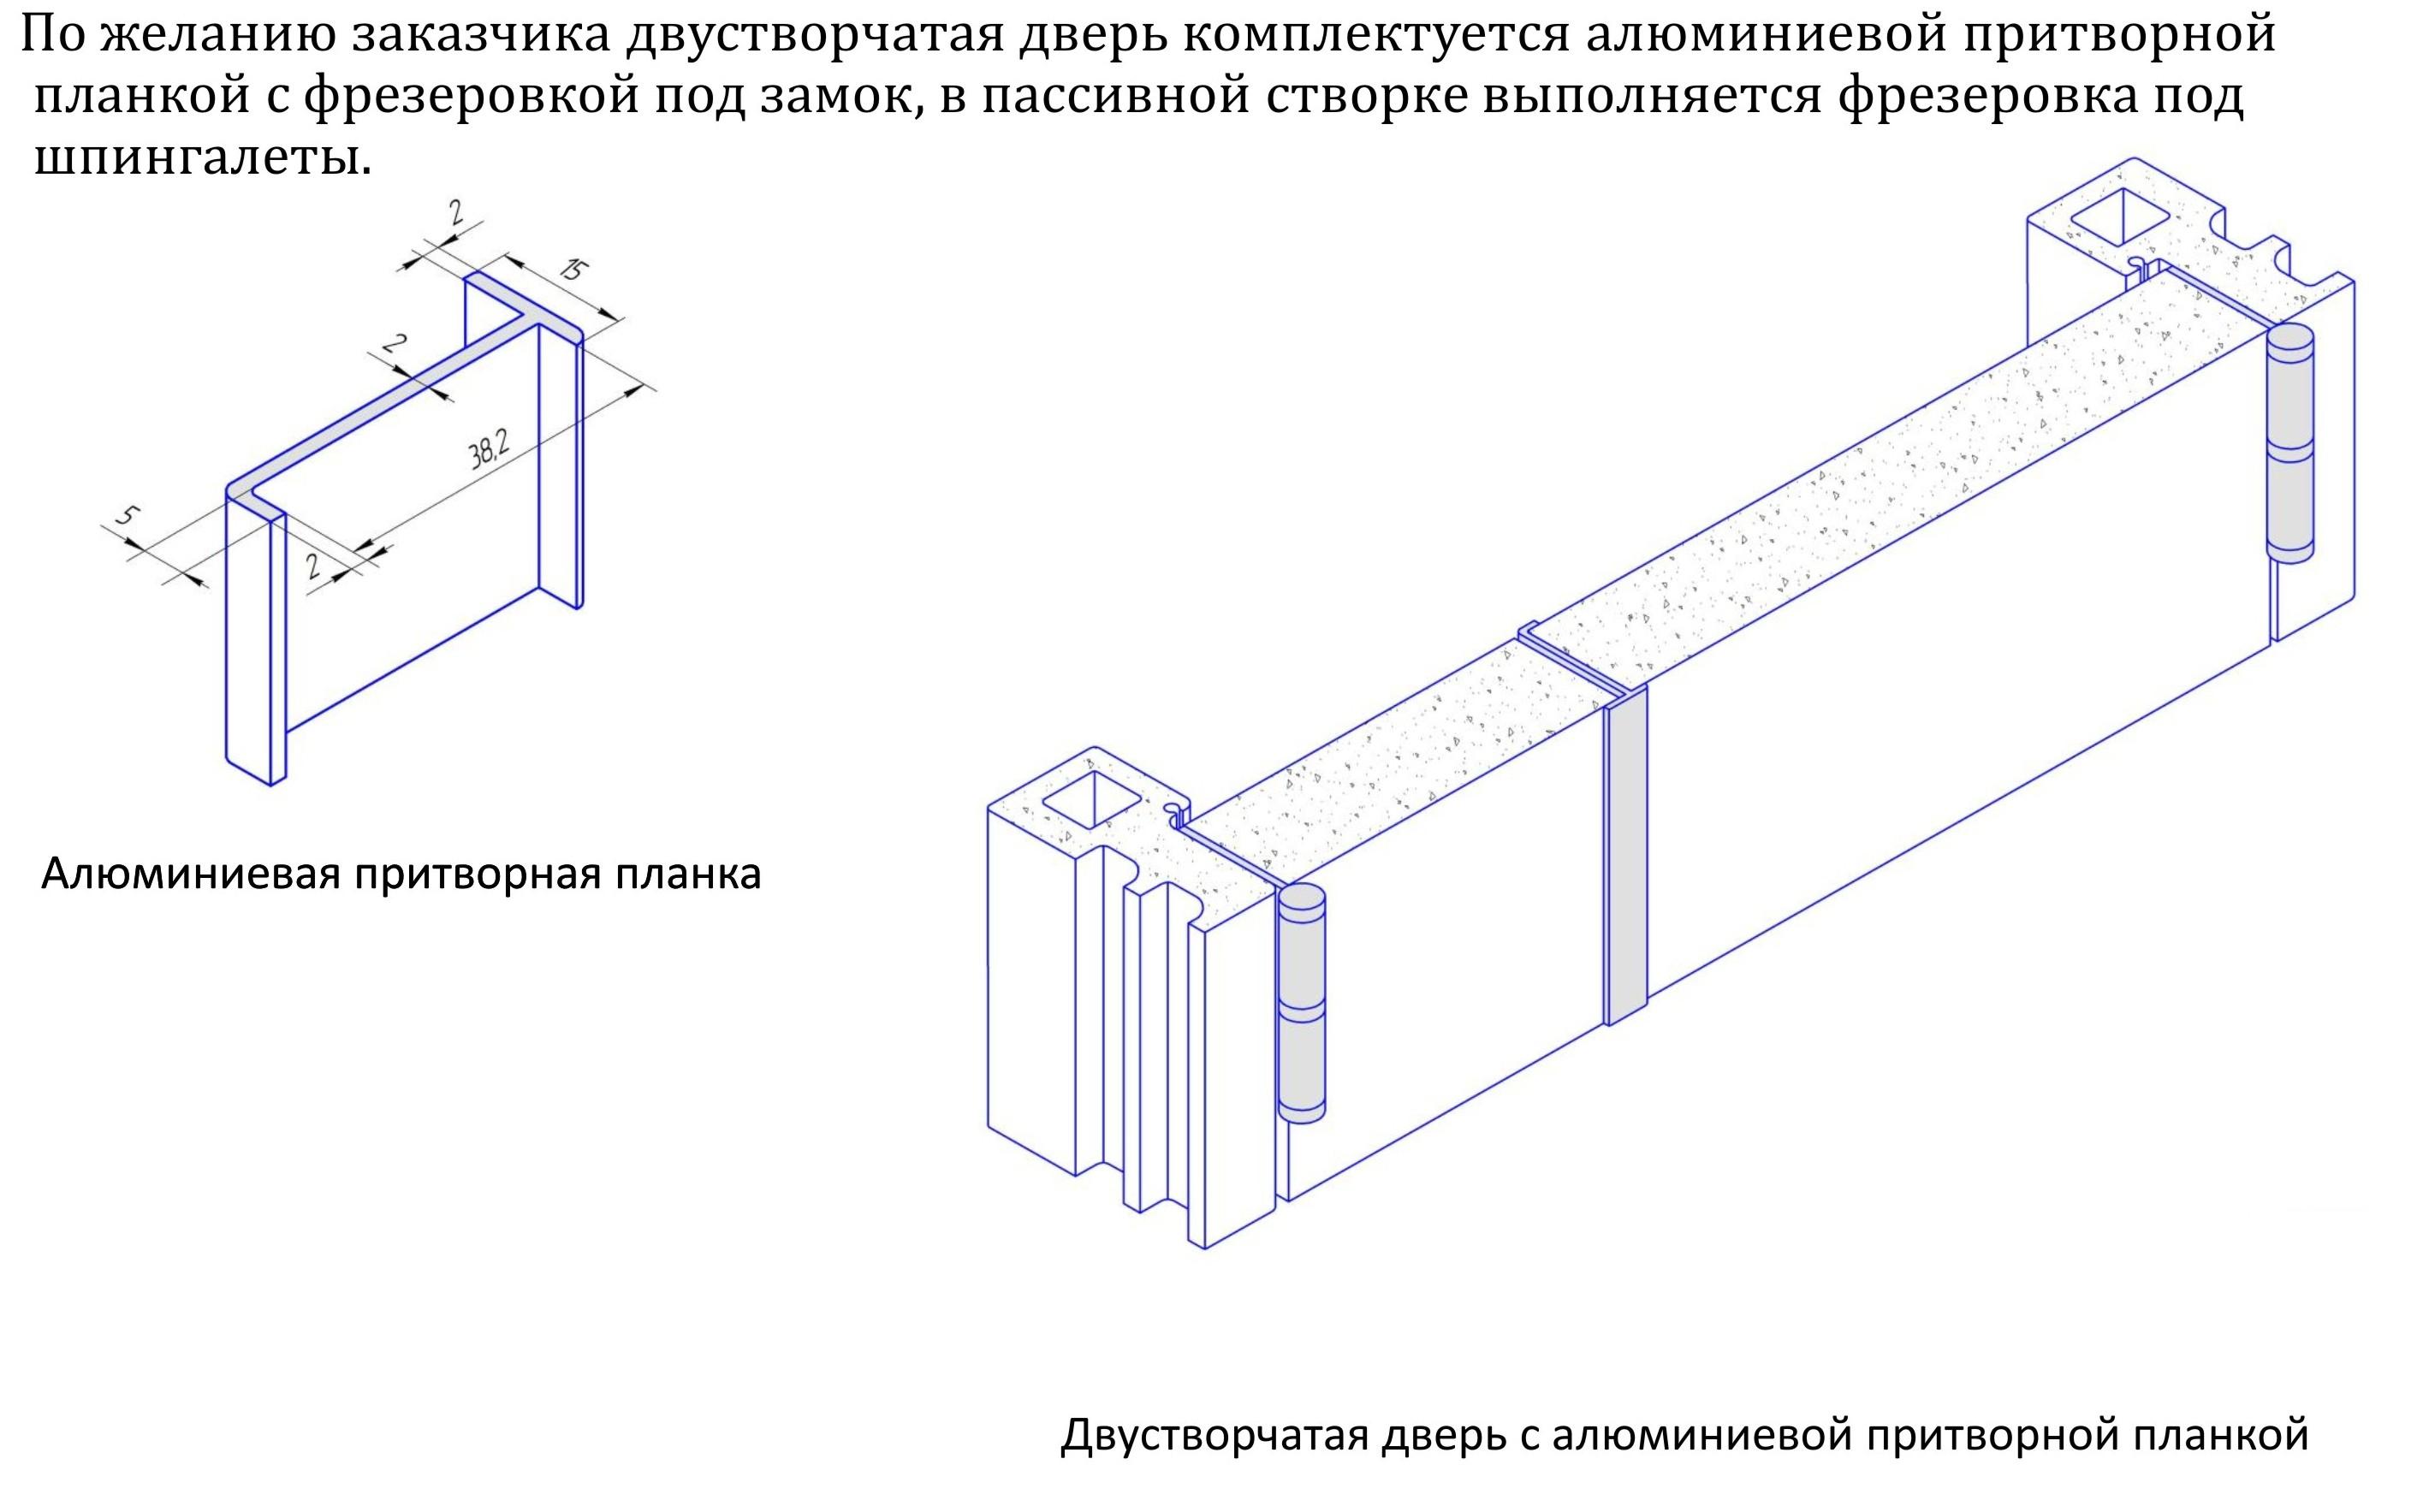 Двустворчатая дверь с алюминиевой притворной планкой